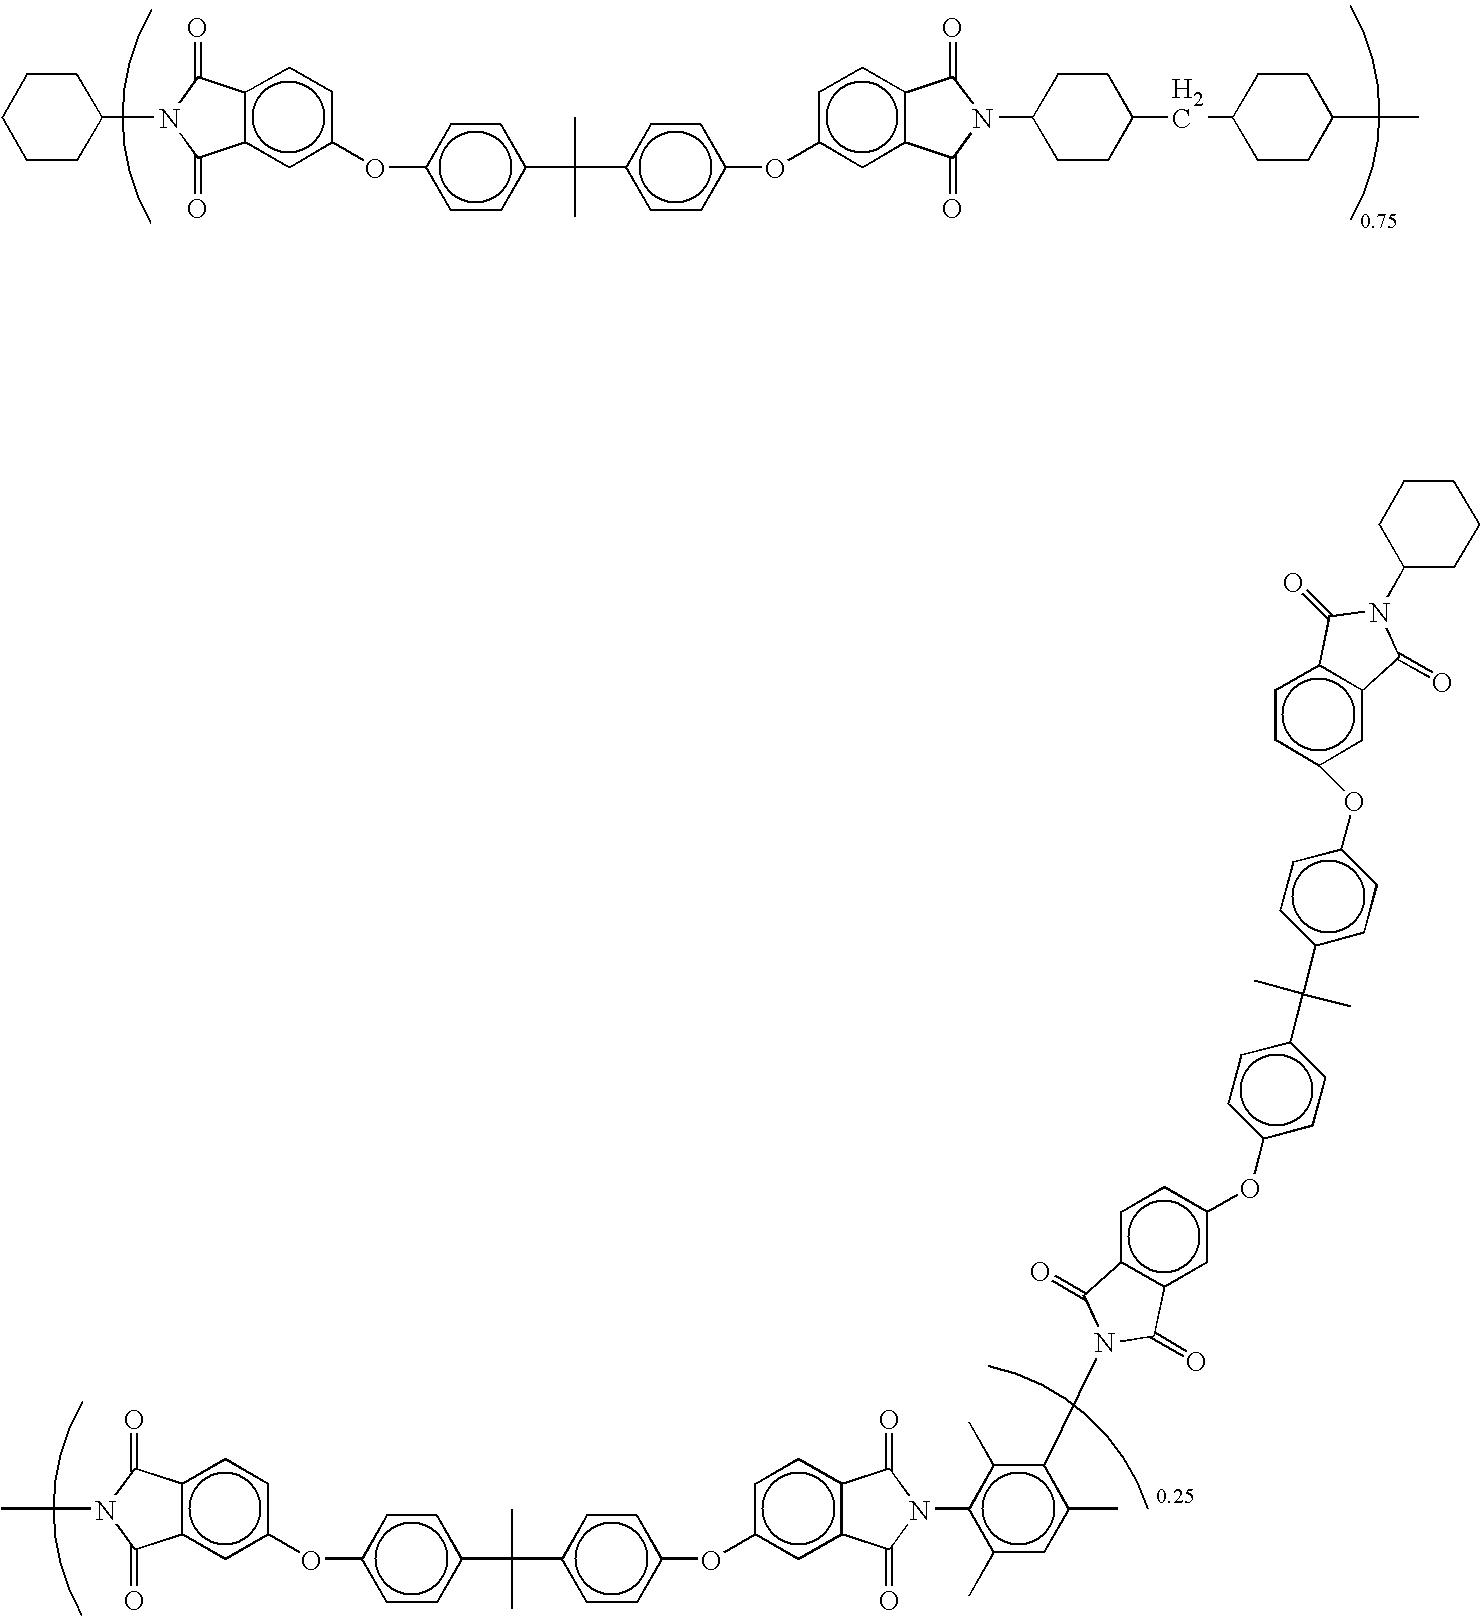 Figure US20090038750A1-20090212-C00029